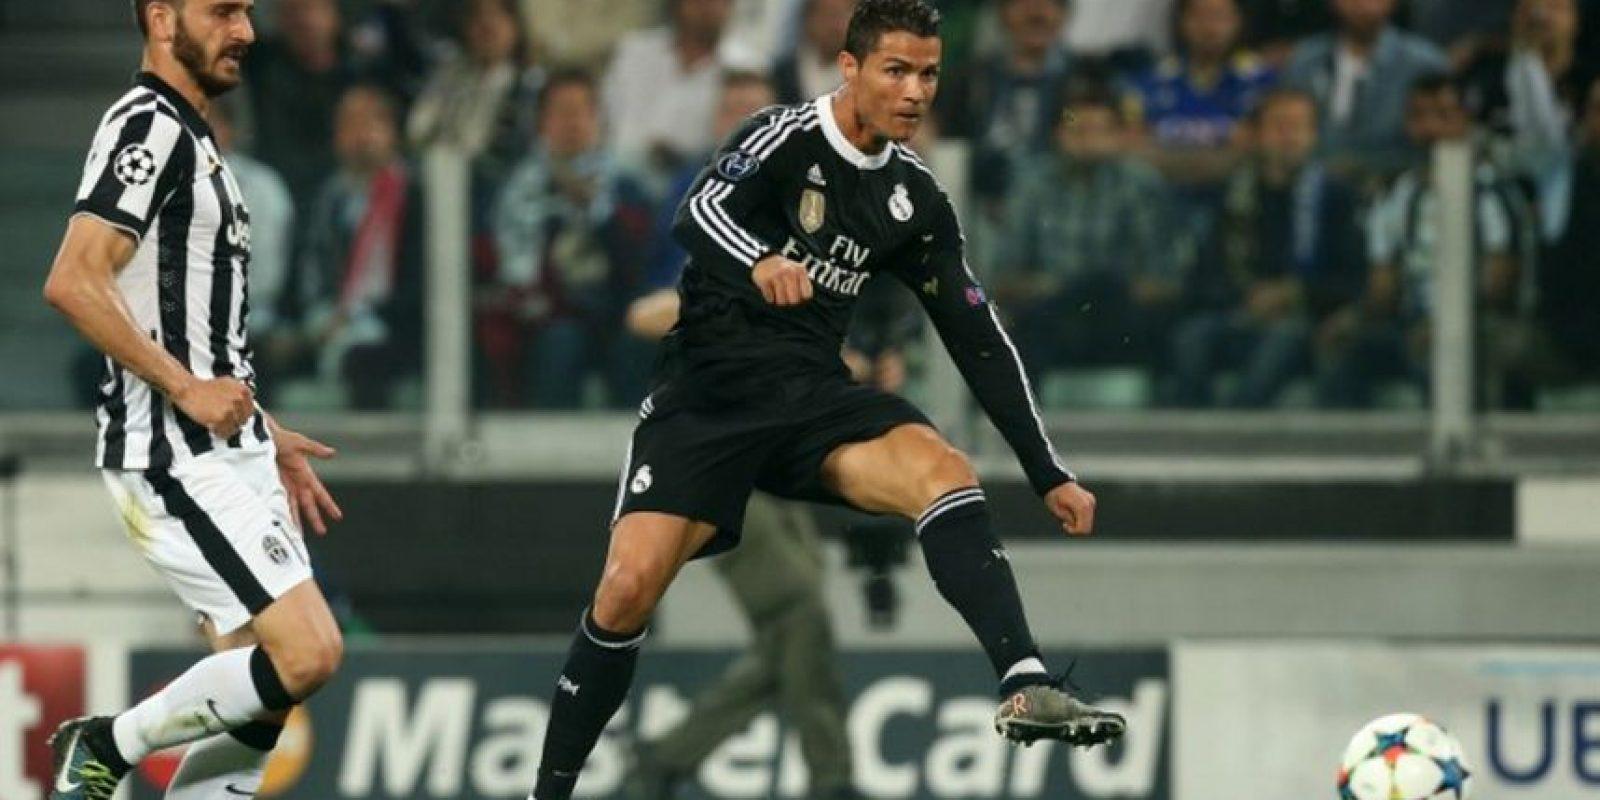 5 de mayo de 2015. En la ida de semis ante Real Madrid, Juve sacó un triunfo de 2-1 en su casa Foto:AFP